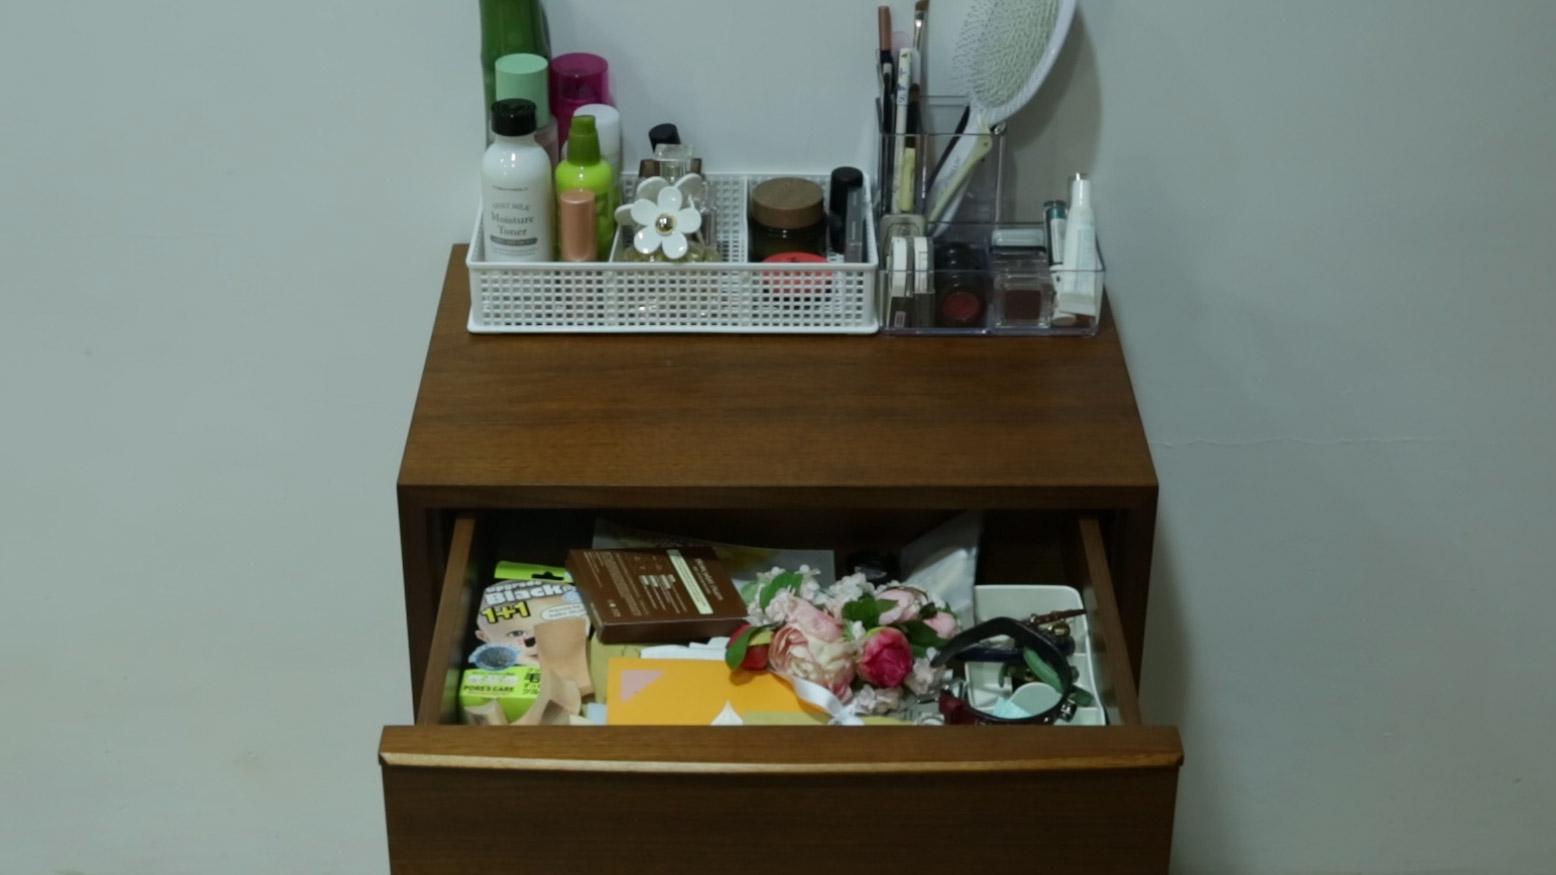 抽屜裡面放著各種雜物,各種樣品、飾品、各種面膜等.....❀